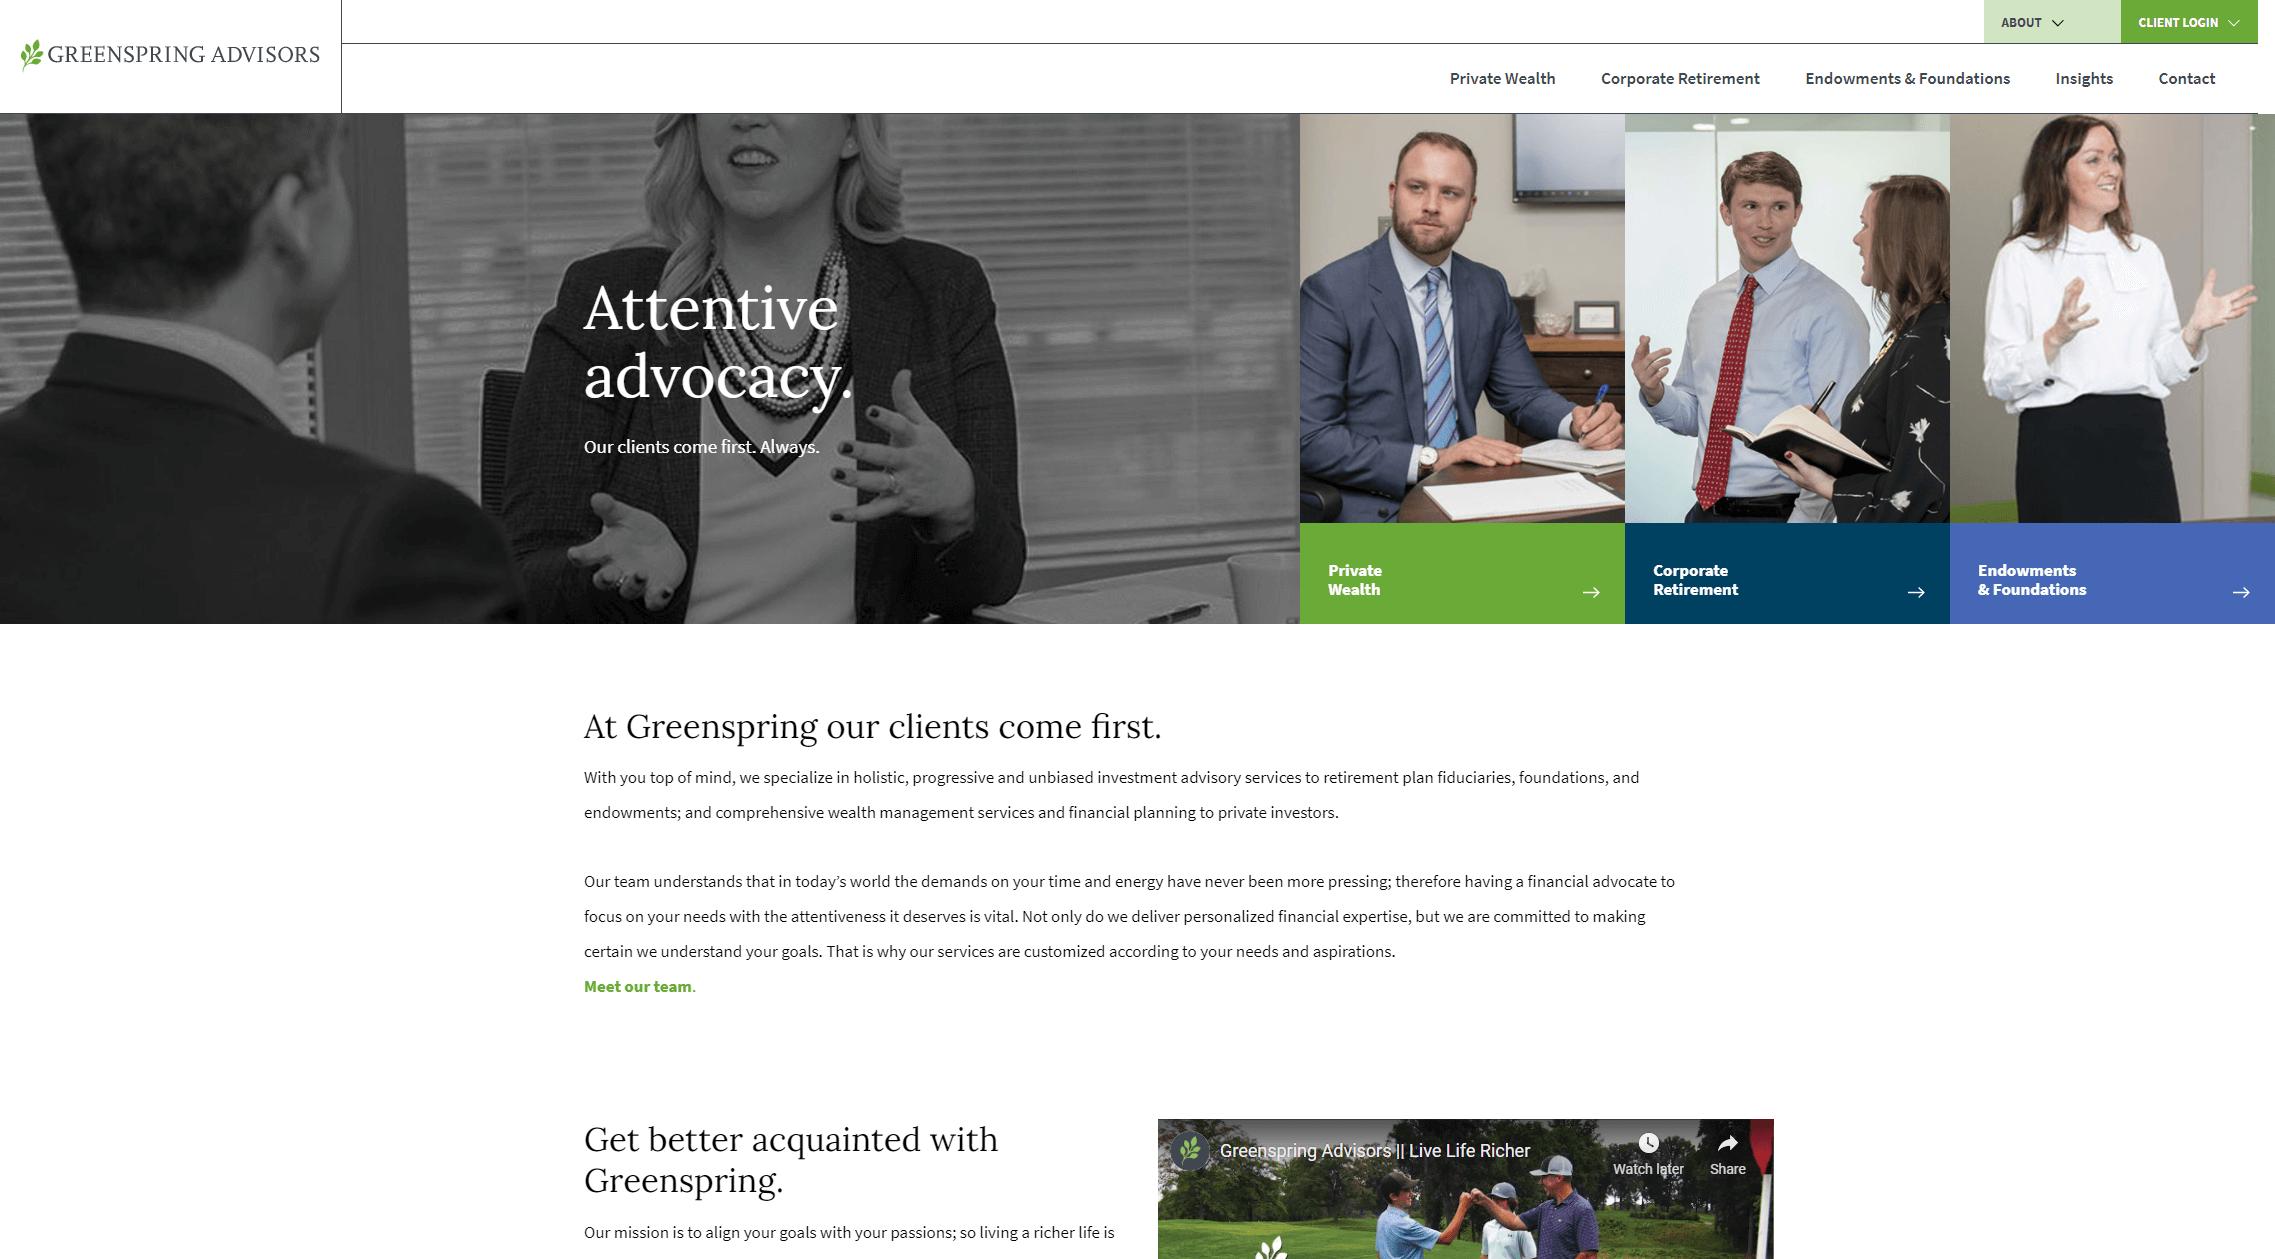 greenspringadvisors.com